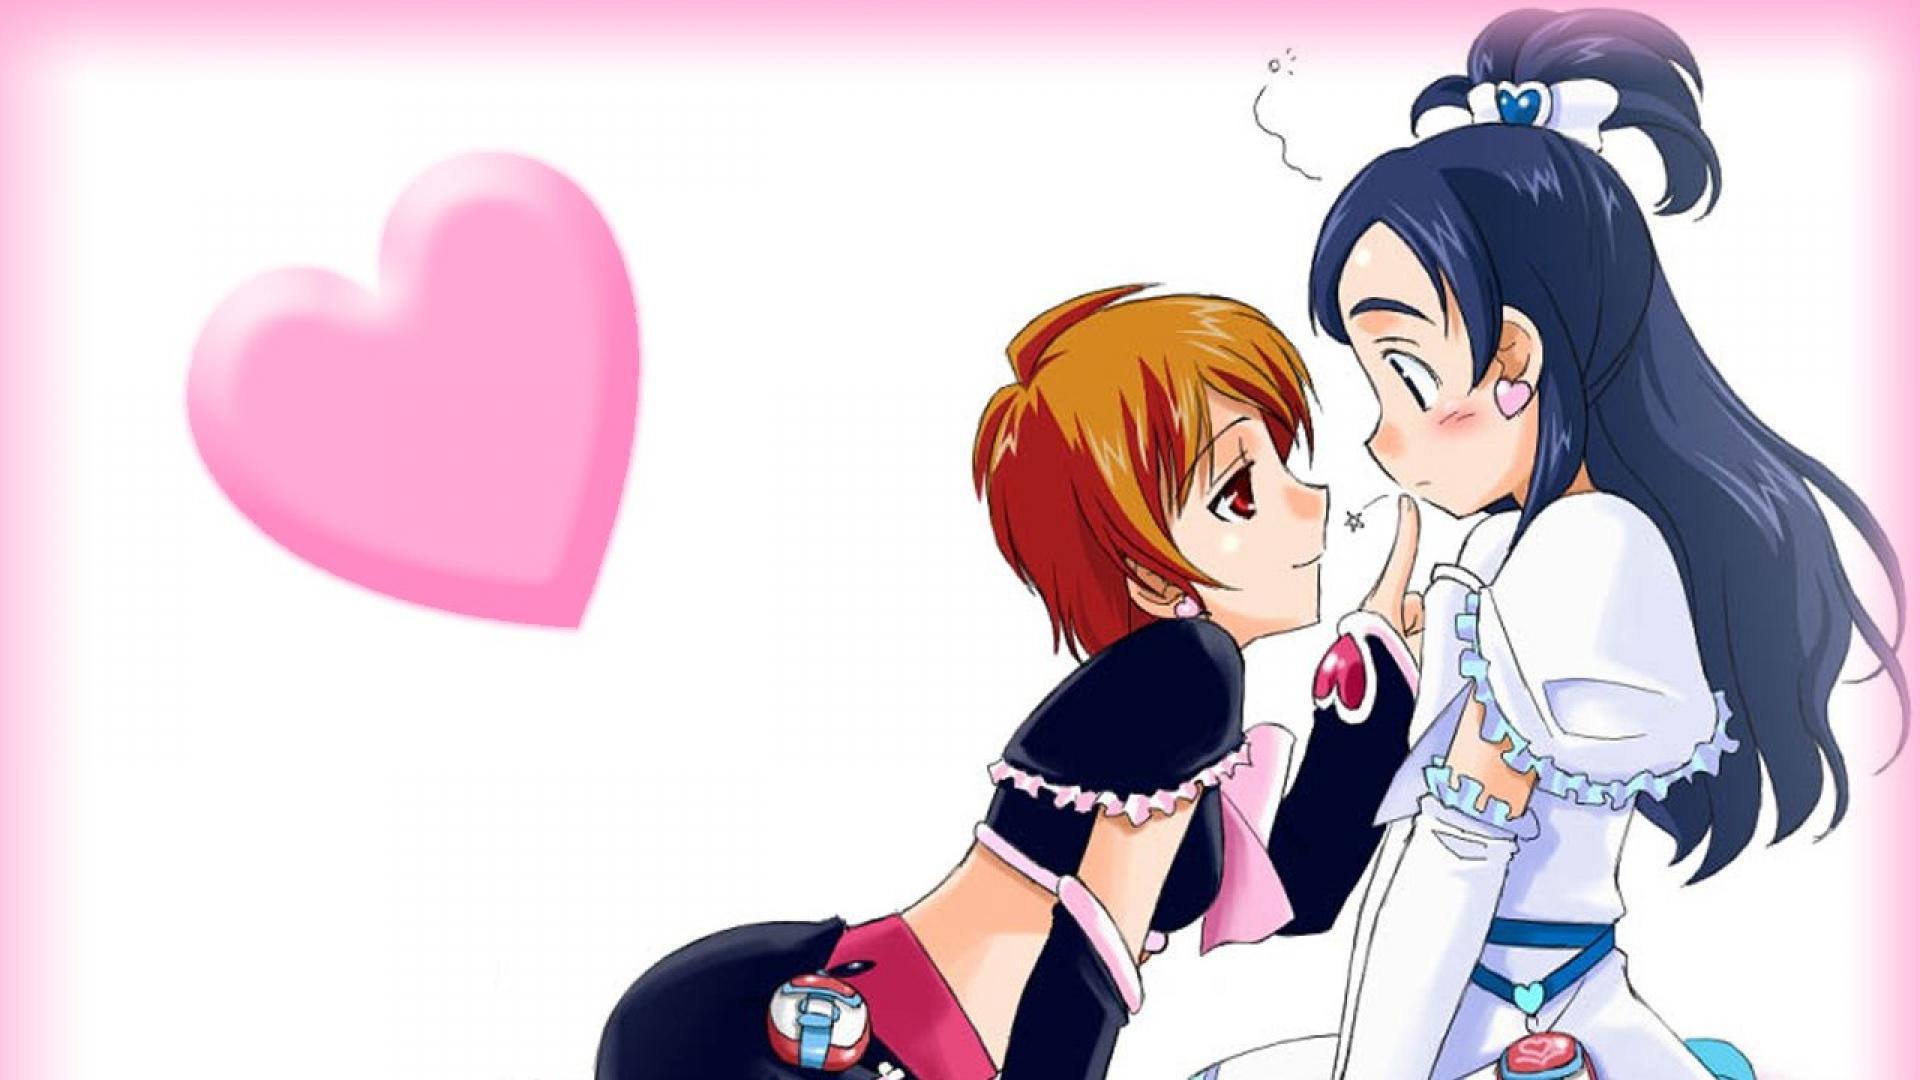 1080p Pretty Anime Girl Wallpaper Download Wallpaper 1920x1080 Futari Wa Pretty Cure